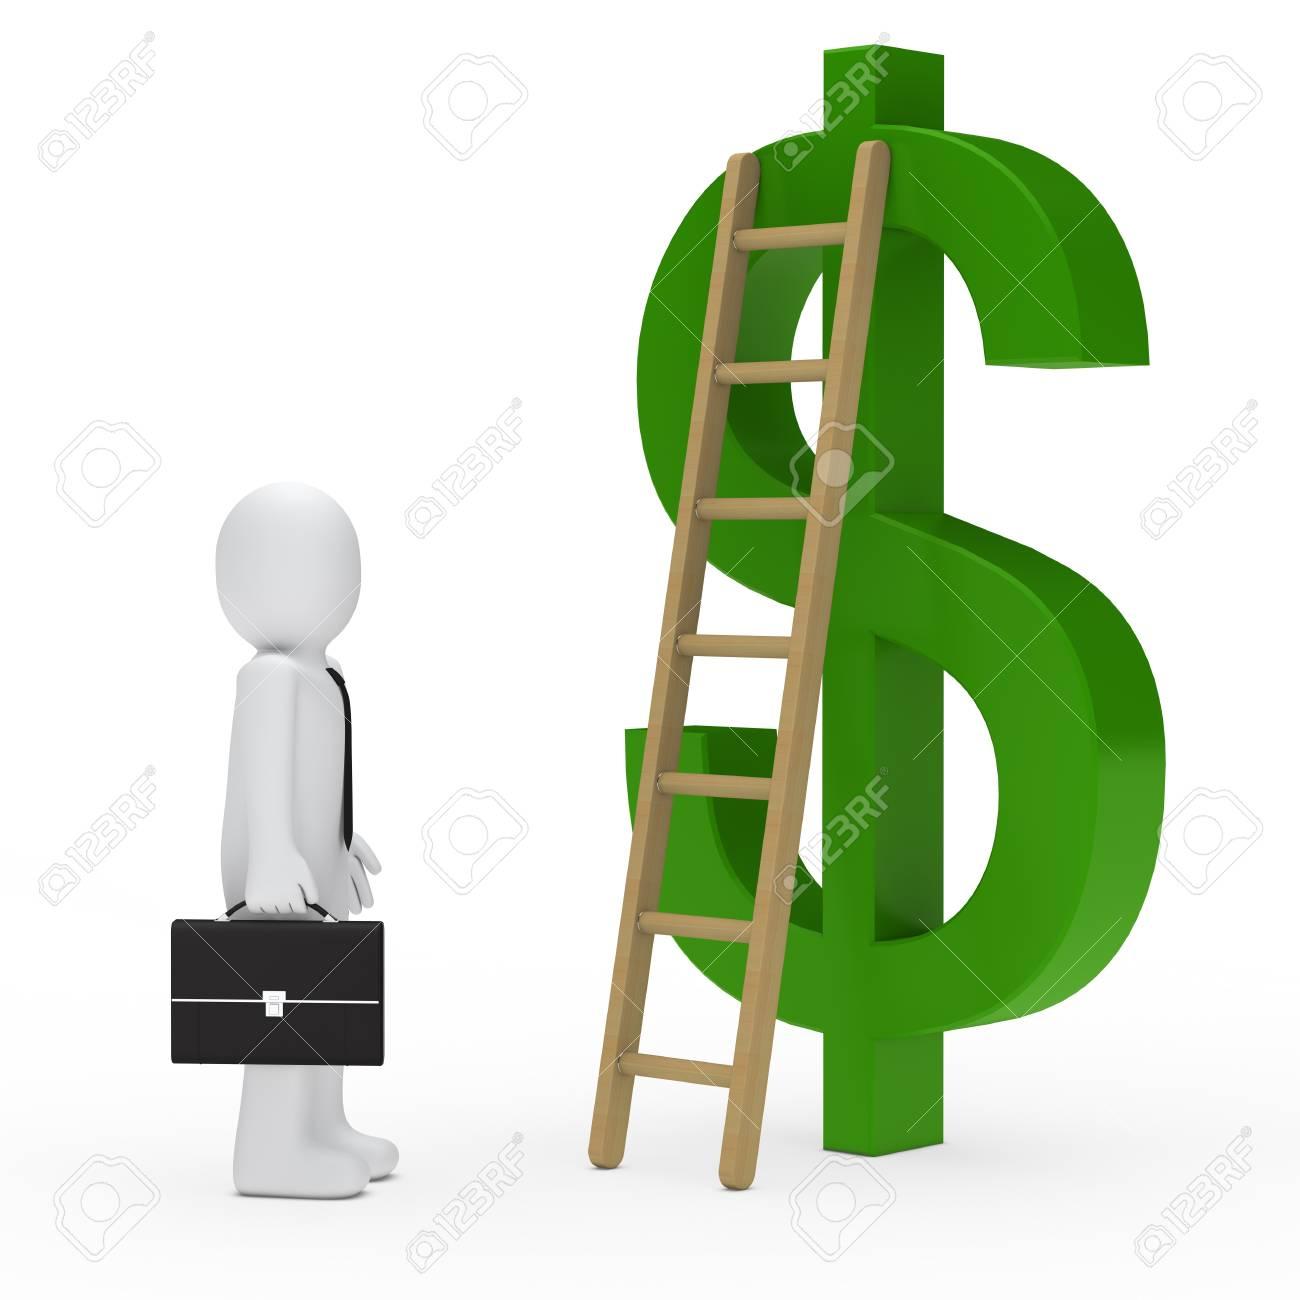 business man briefcase tie ladder dollar green Stock Photo - 12174258